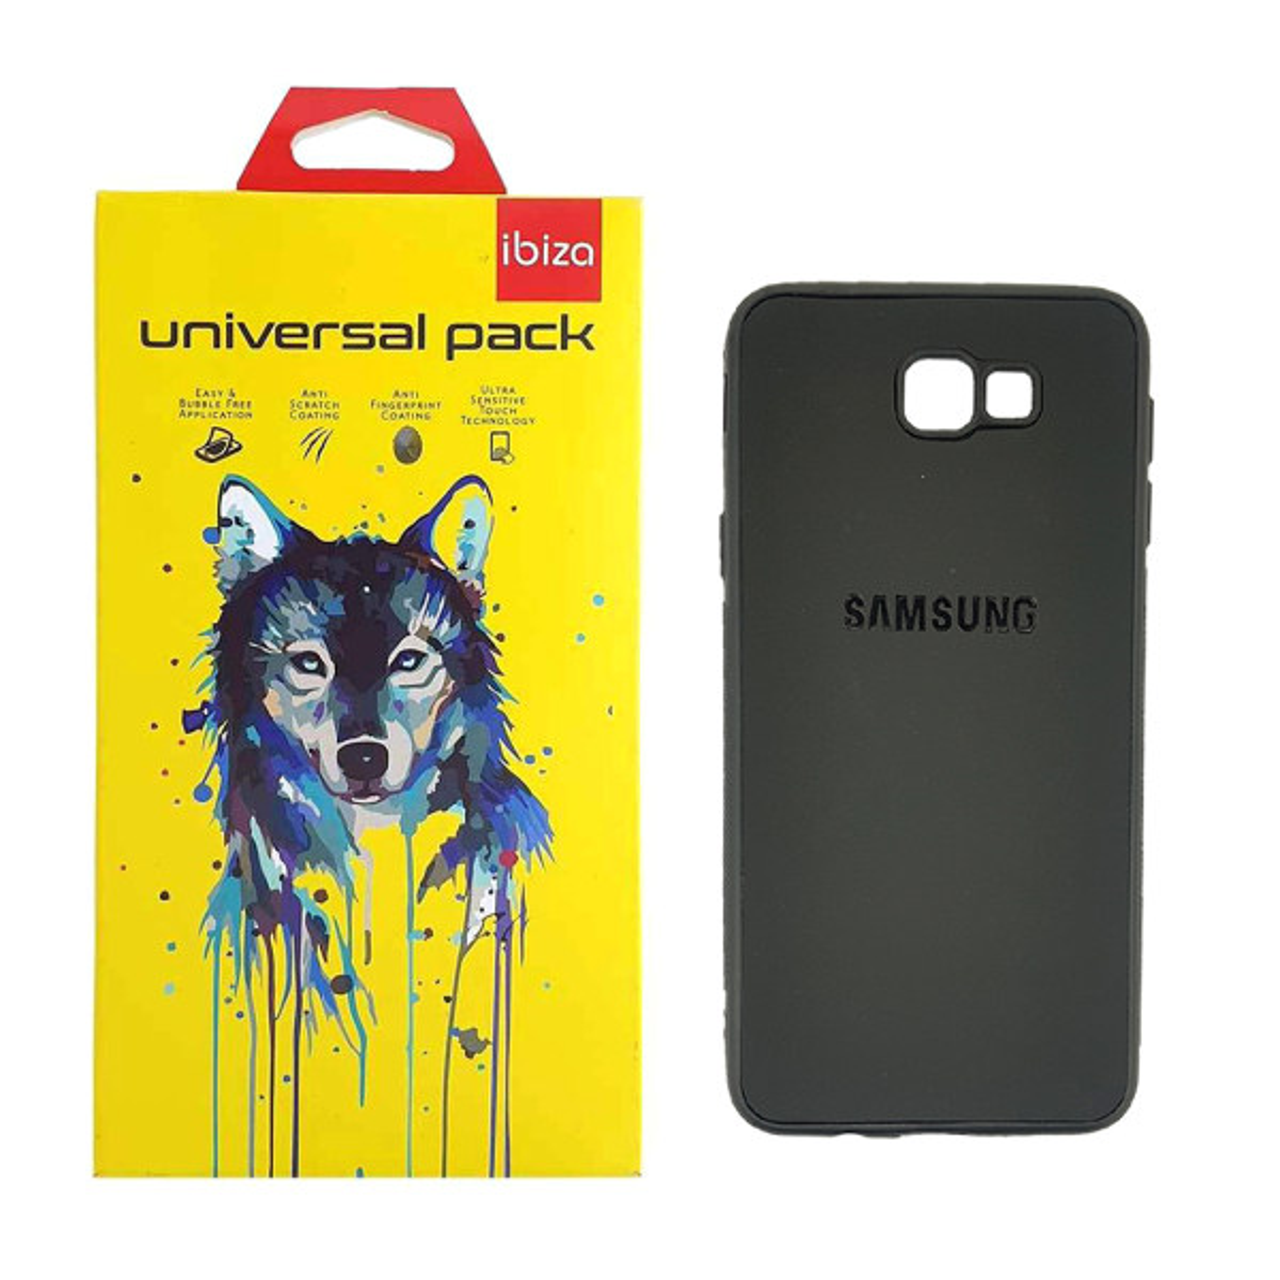 کاور ایبیزا مدل IBI_Lg مناسب برای گوشی موبایل سامسونگ Galaxy J5 Prime